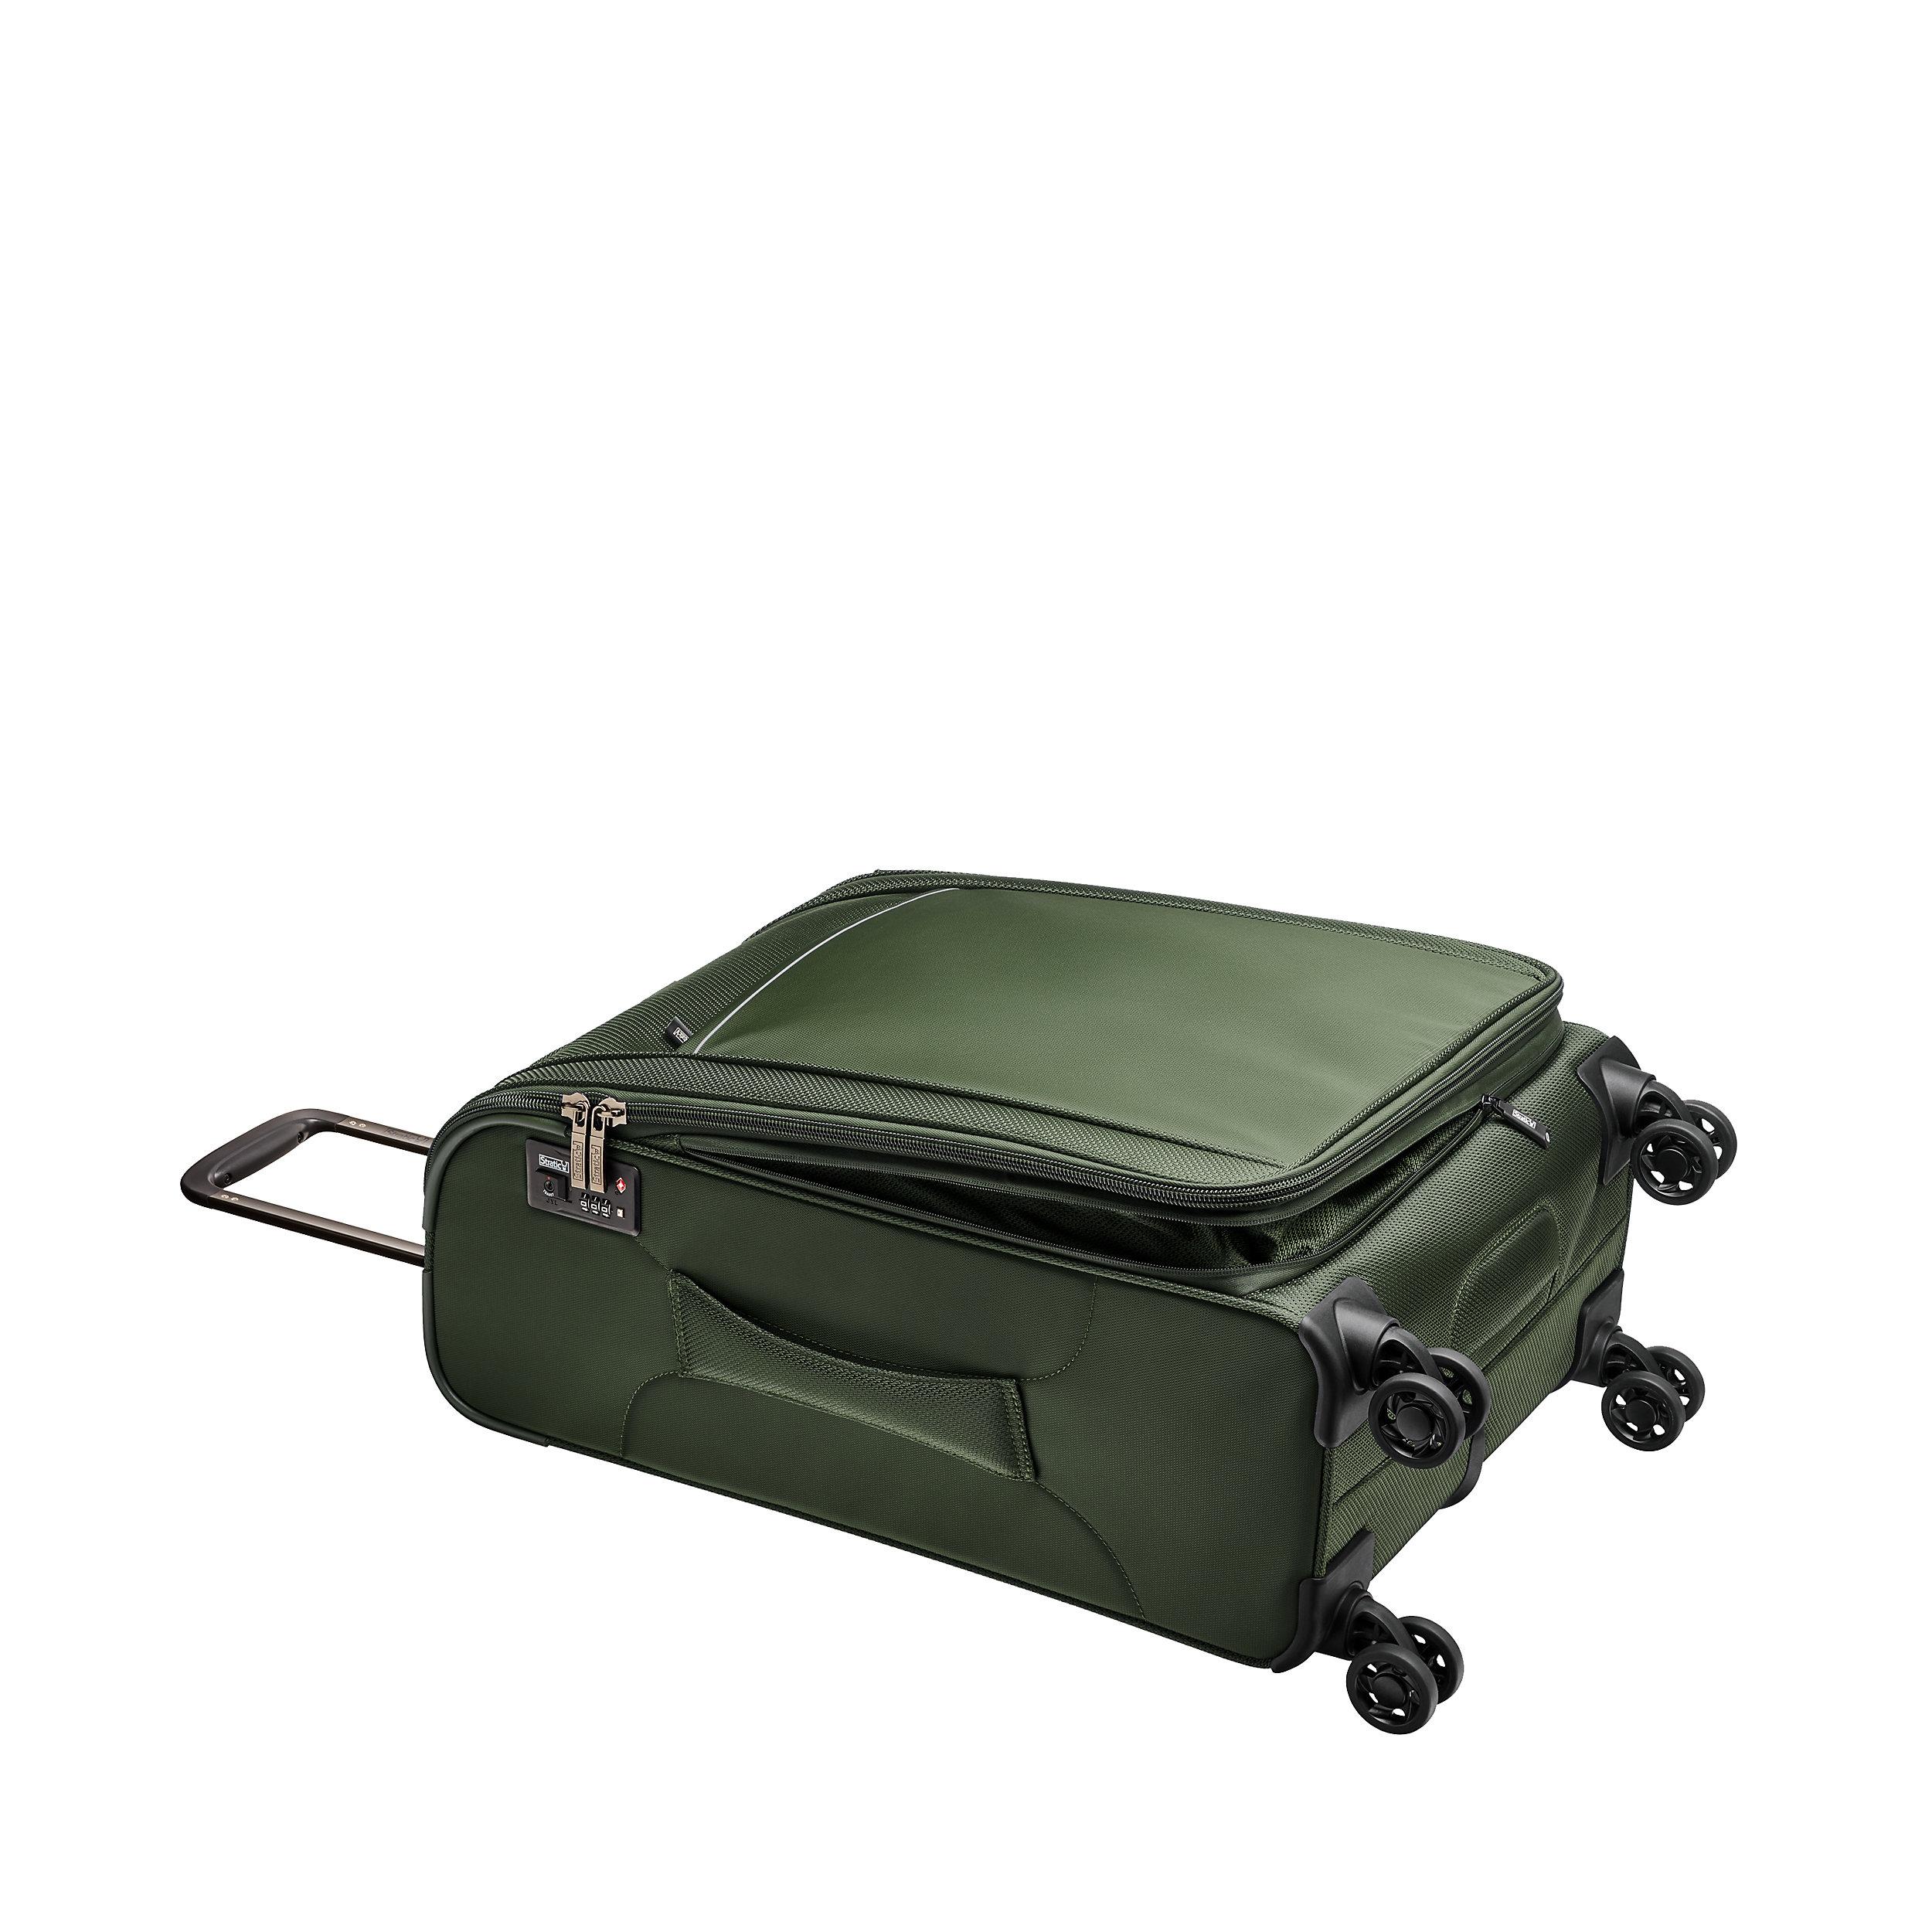 Handgepäckstrolley mit 4 Rollen 56 cm Unbeatable 4 S 36 Liter